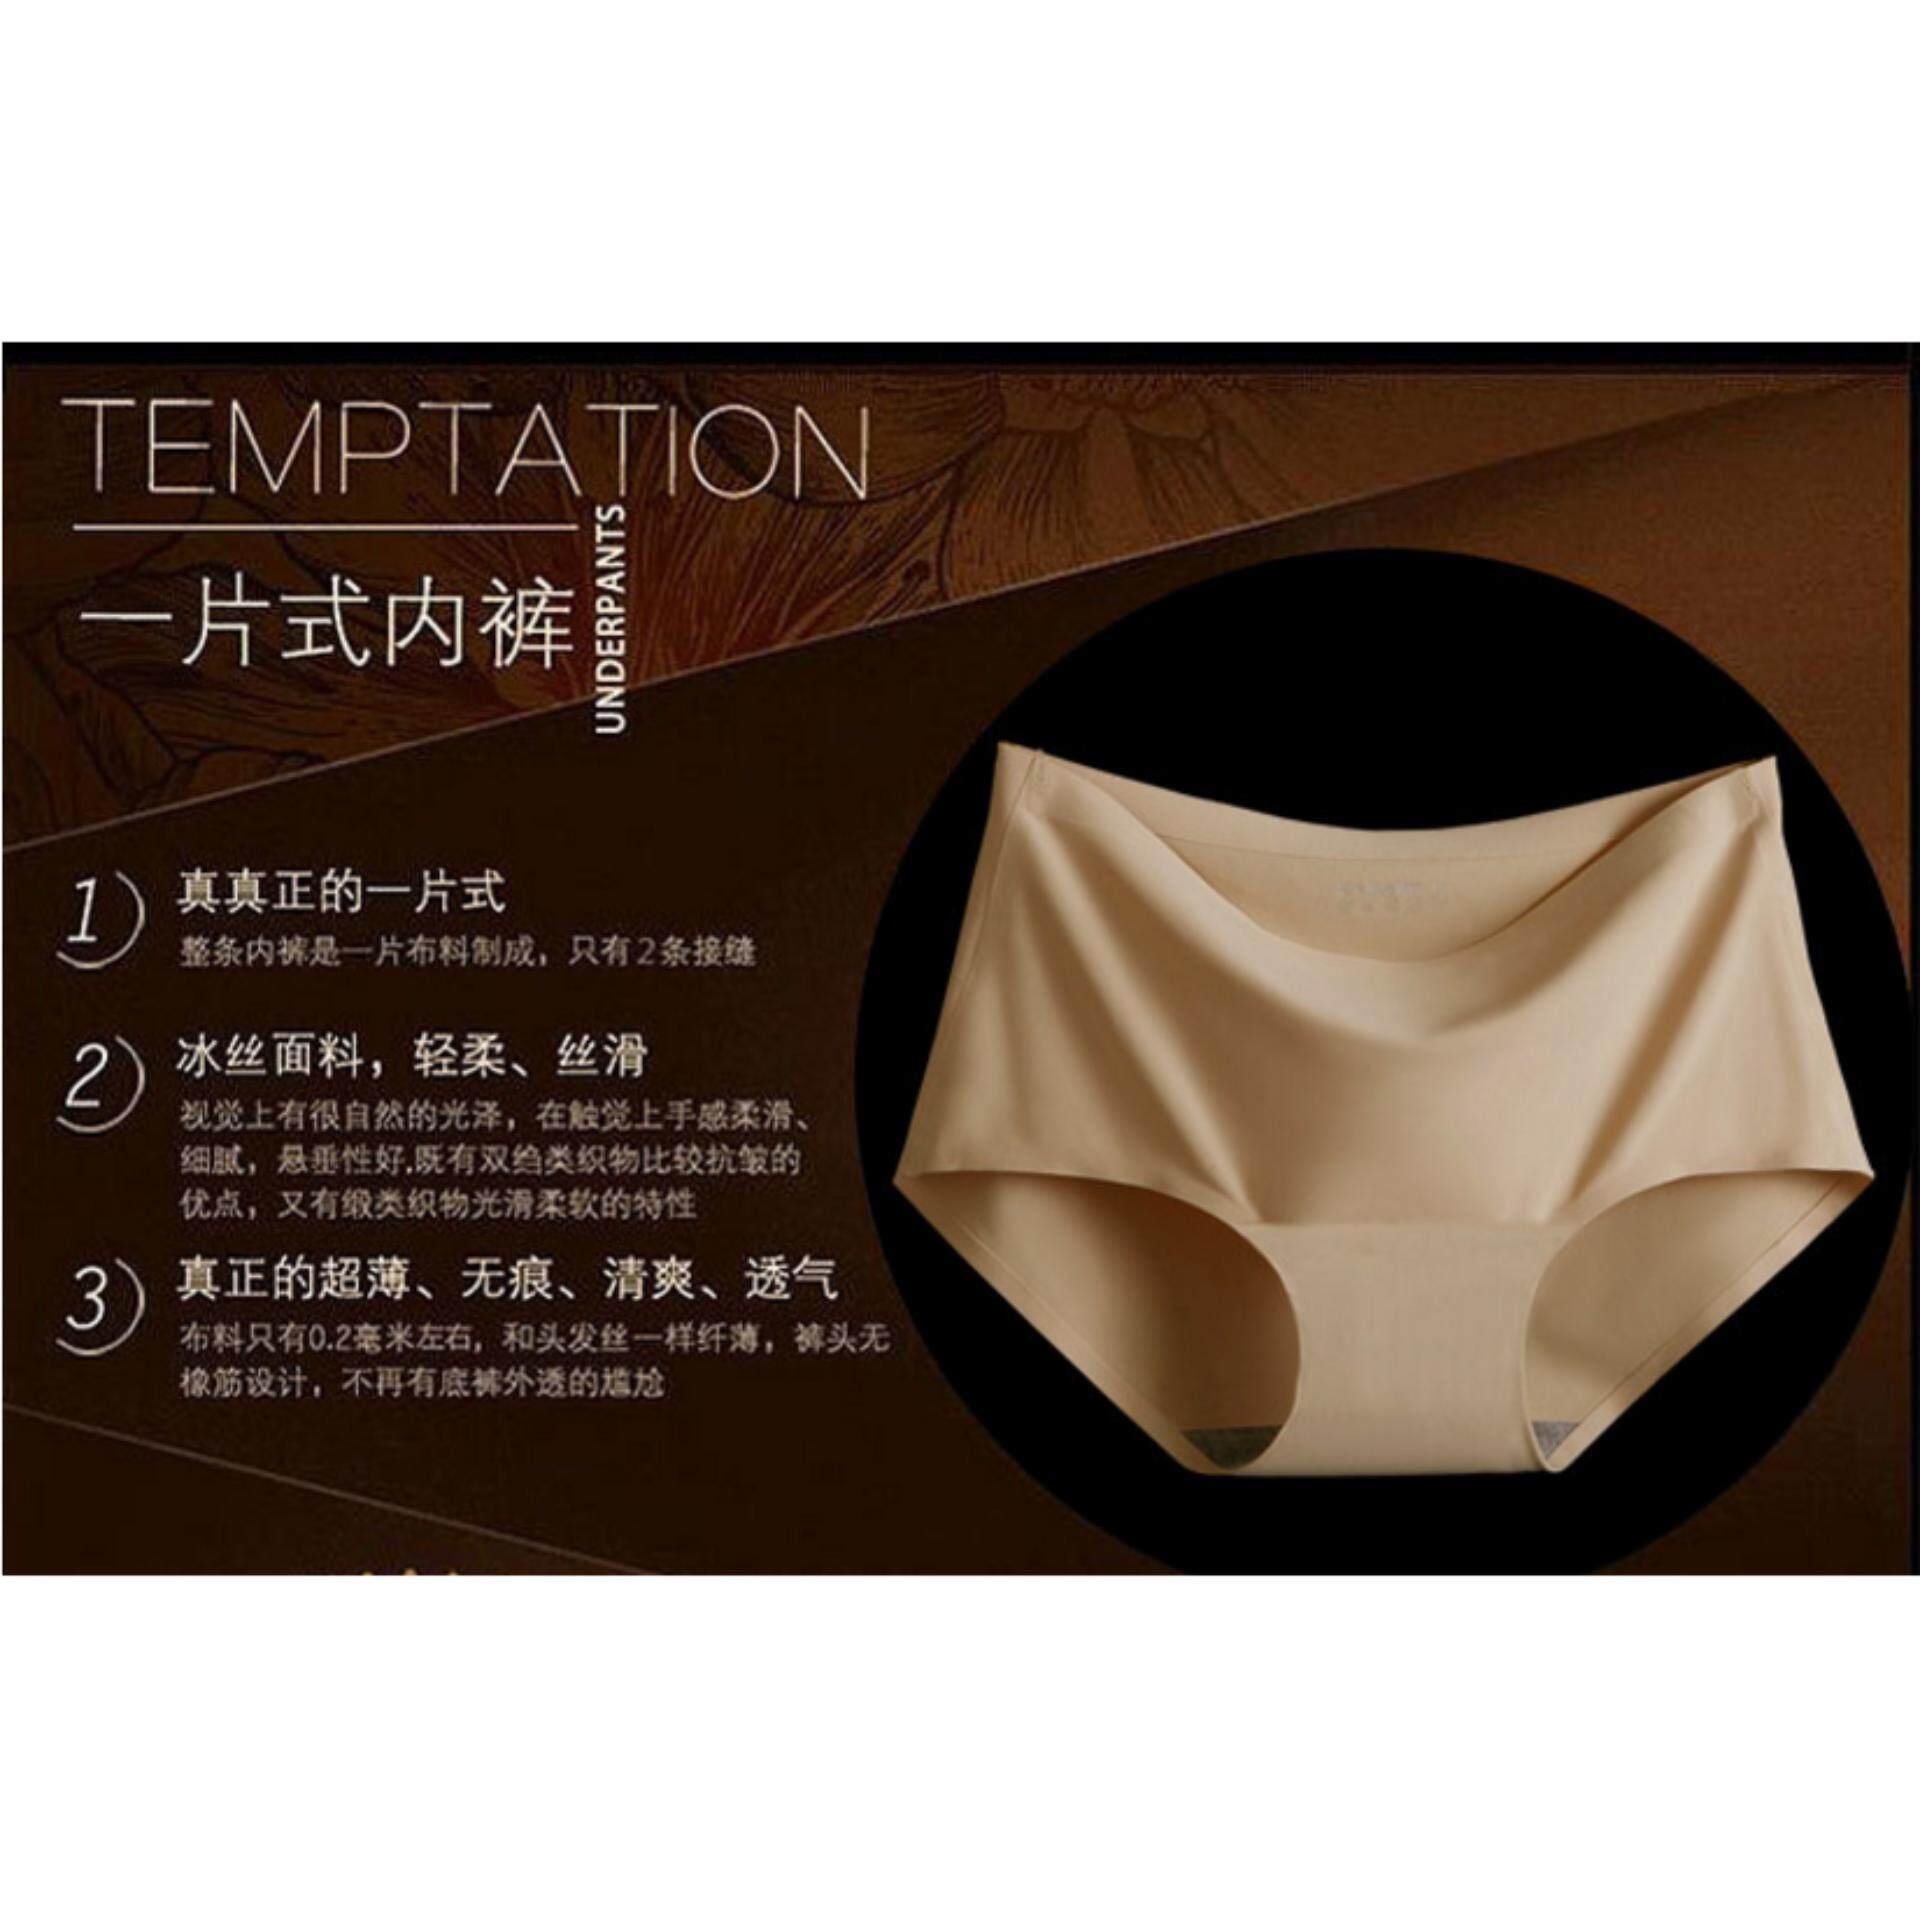 Set of 5 premium quality ice silk seamless panties